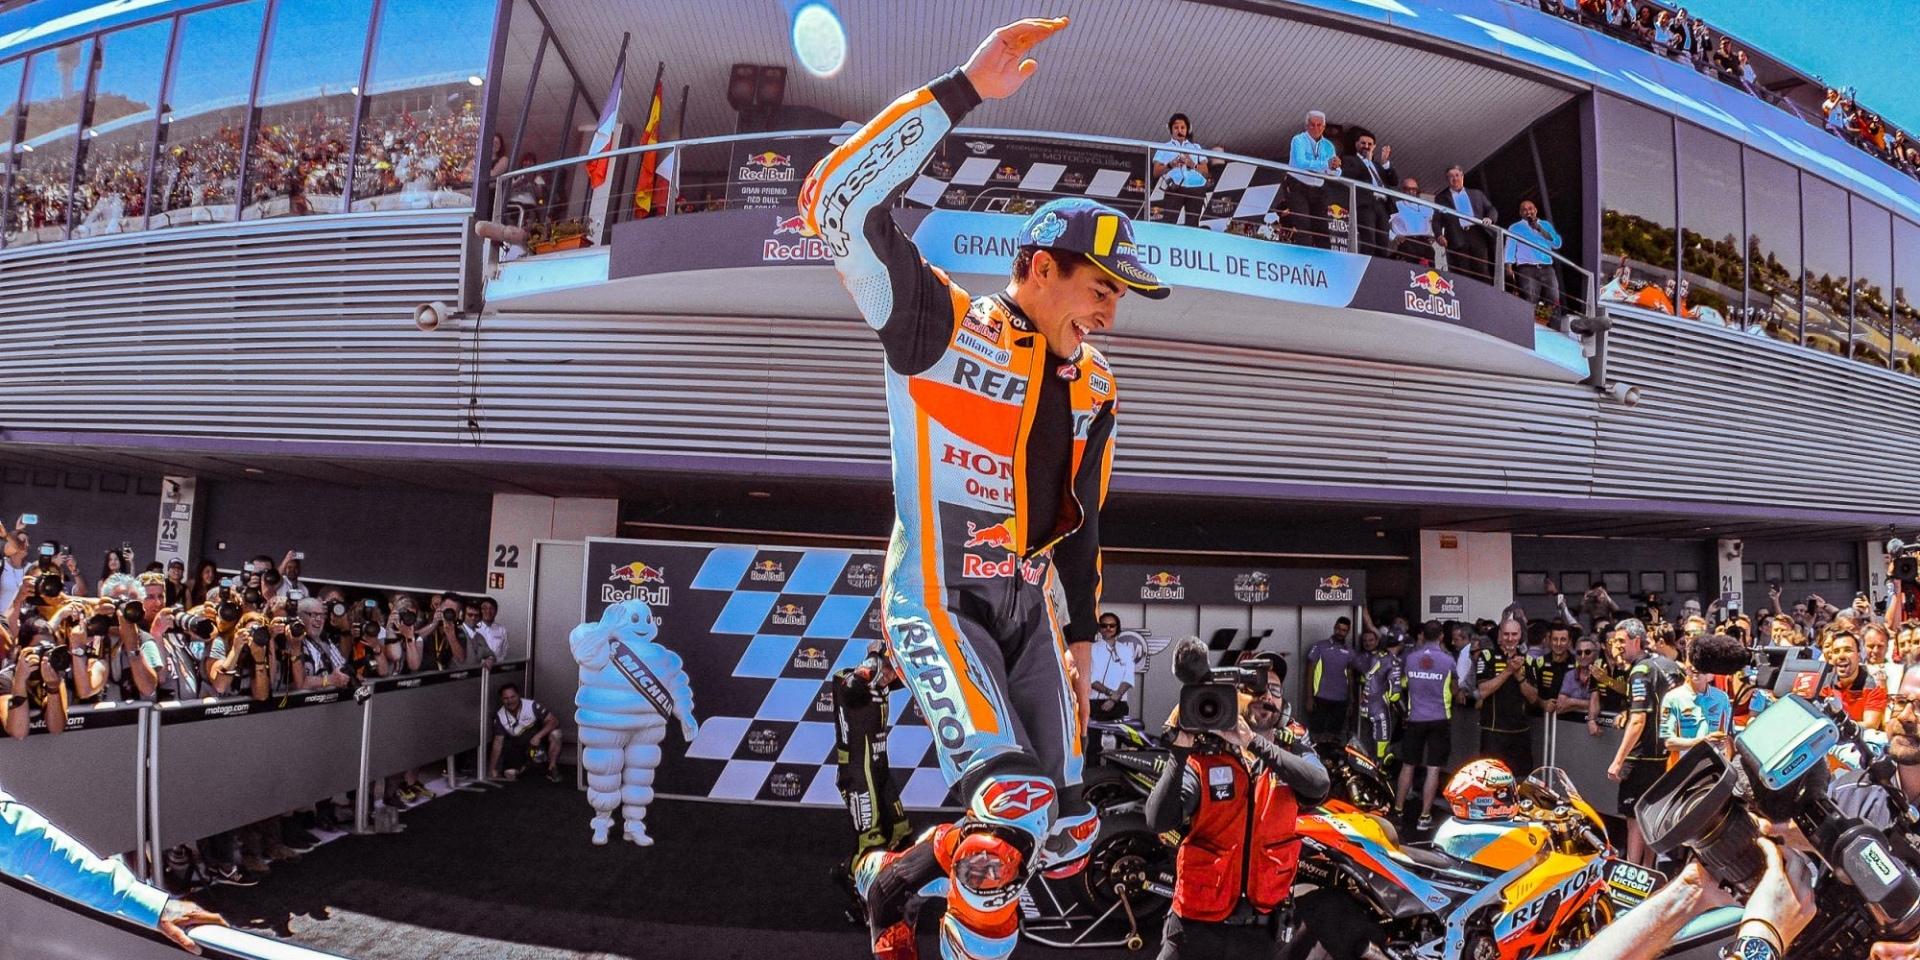 一馬當先!Marquez在西班牙Jerez站霸氣獨走奪冠!